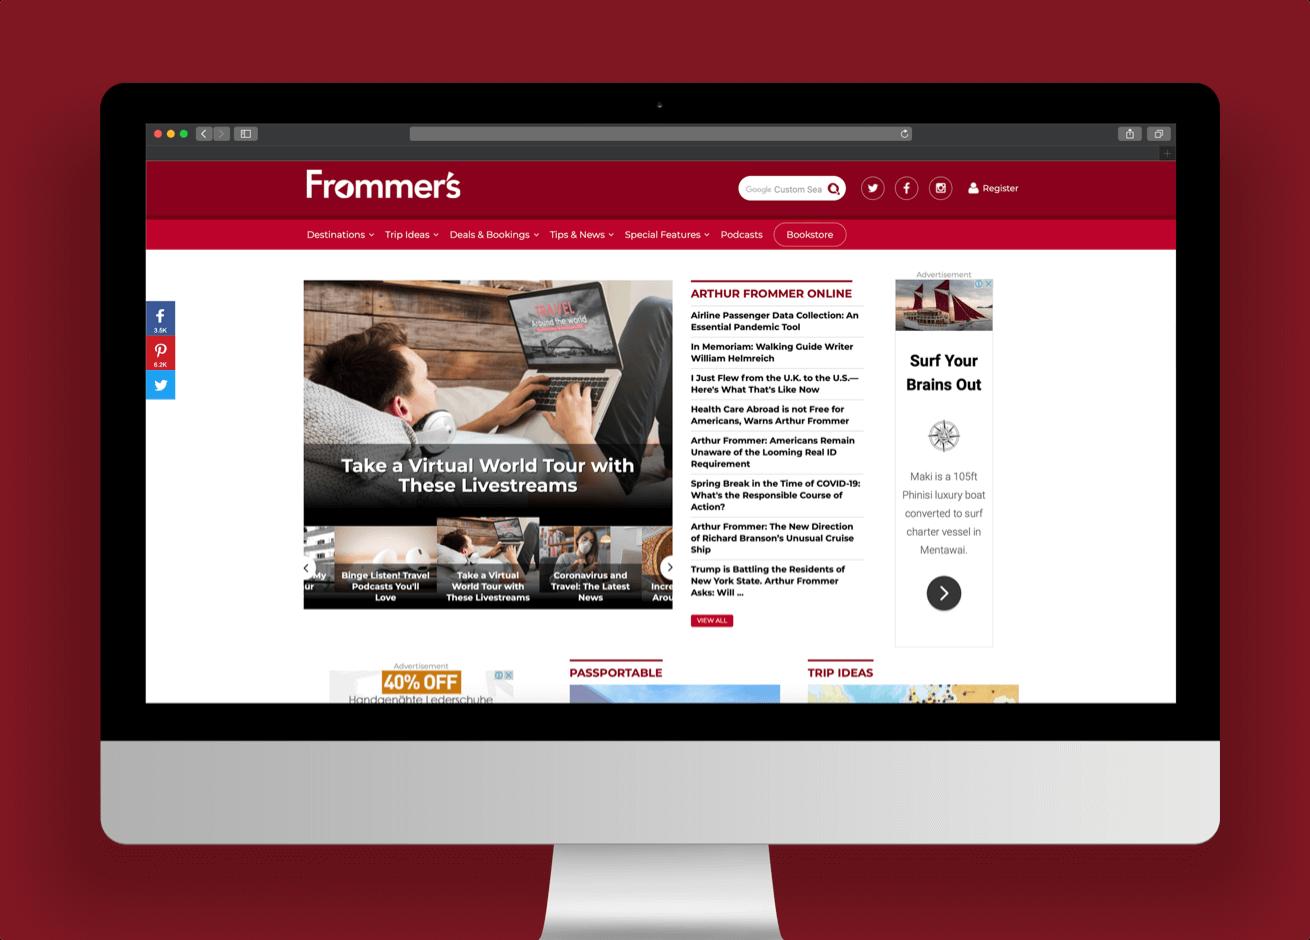 Frommer's website